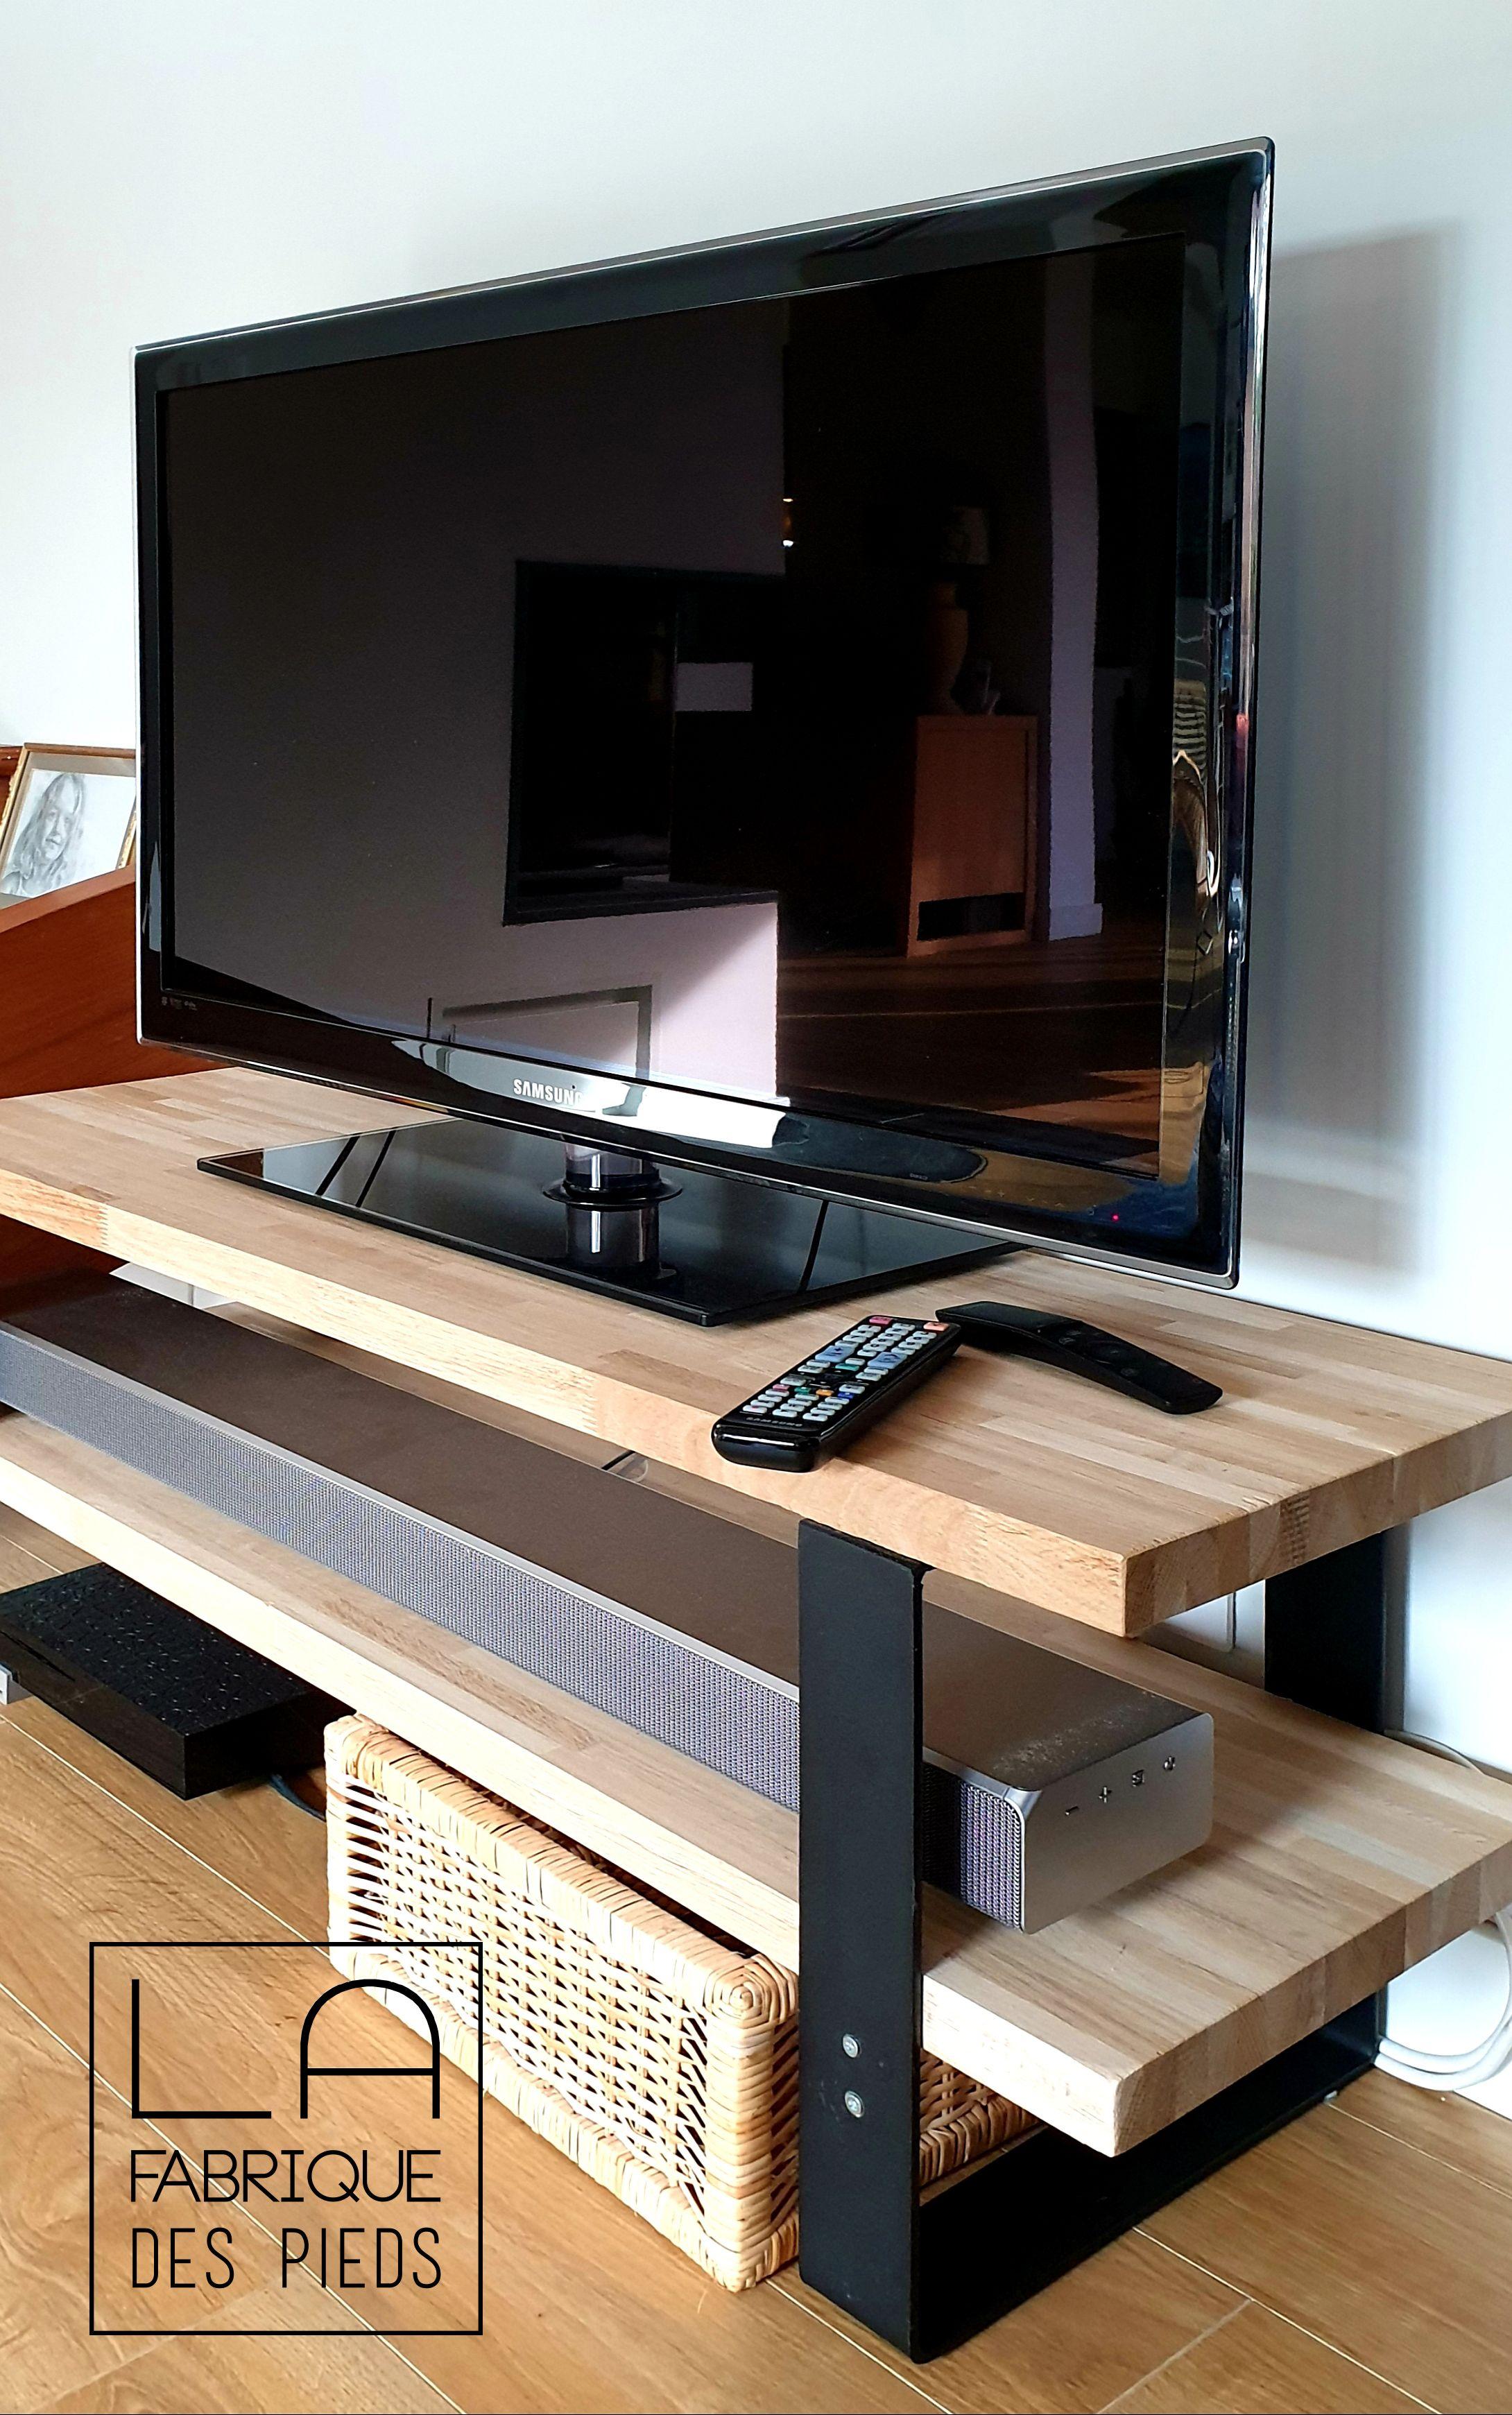 Fer Plat Infini Sur Mesure Avec Images Idee Meuble Tv Meuble Meuble Maison